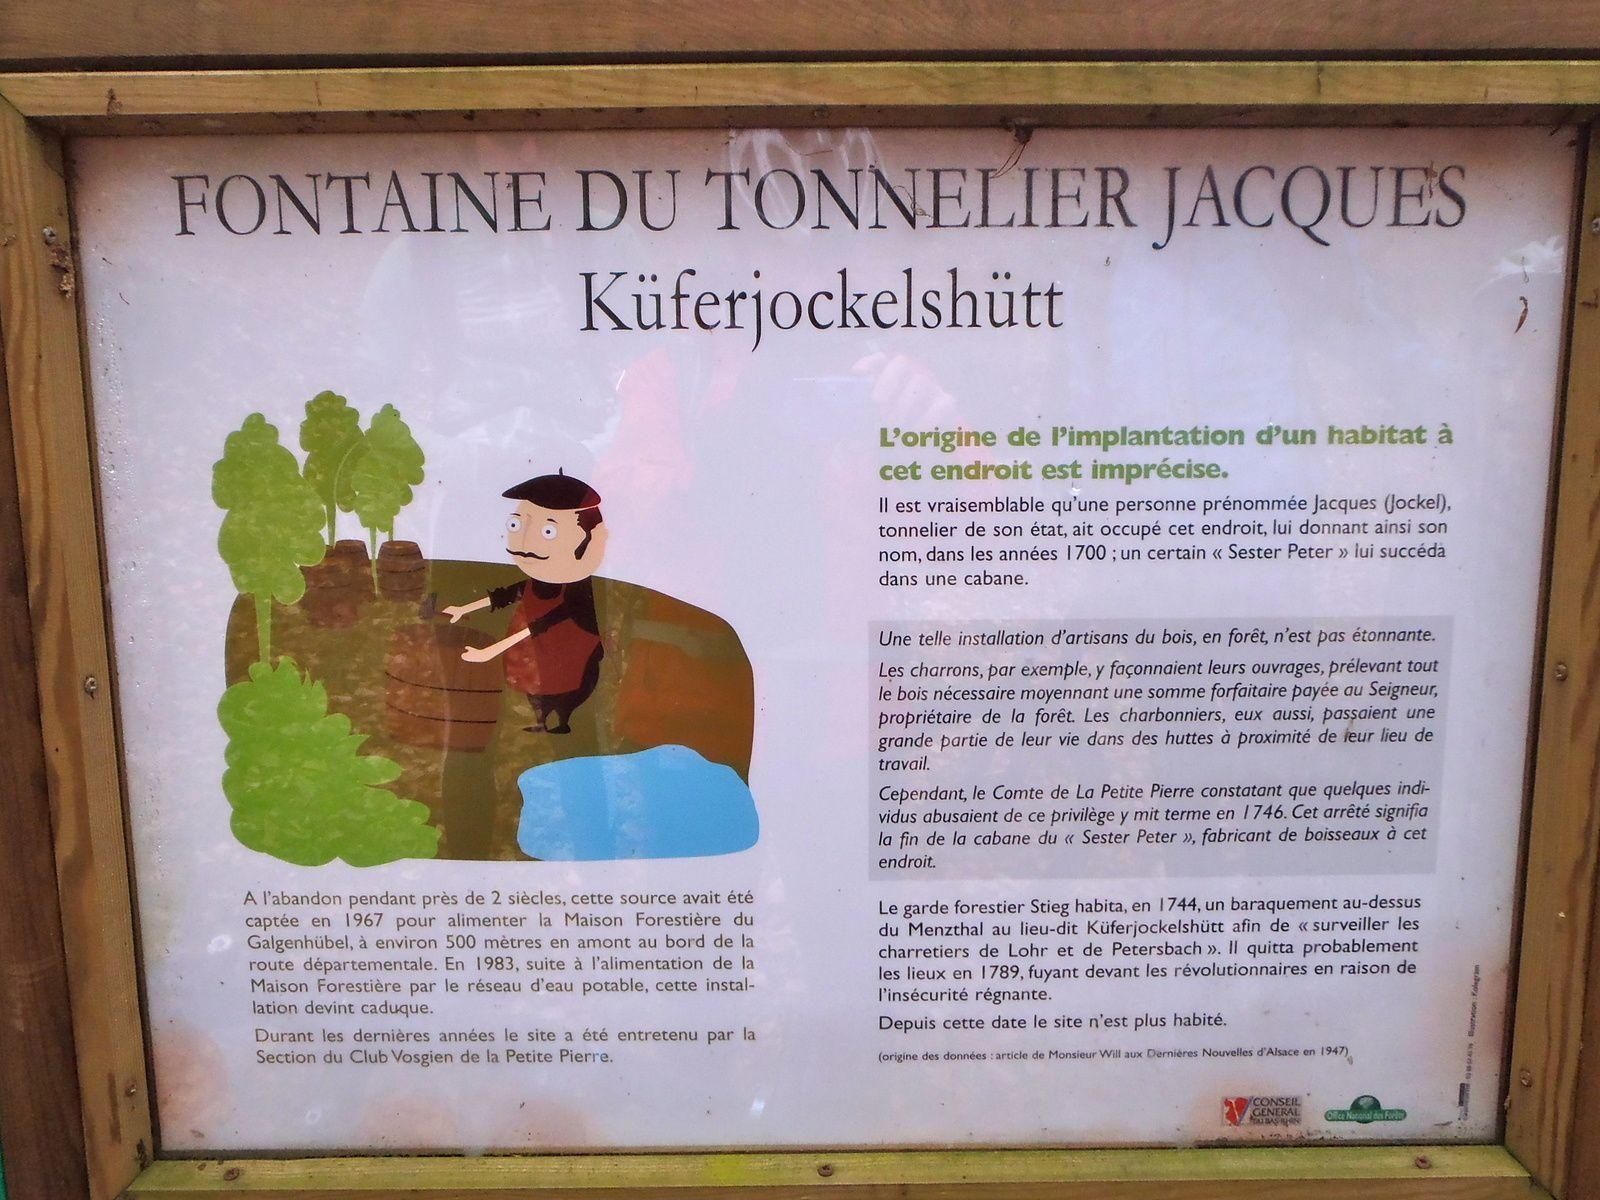 Fontaine du tonnelier Jacques